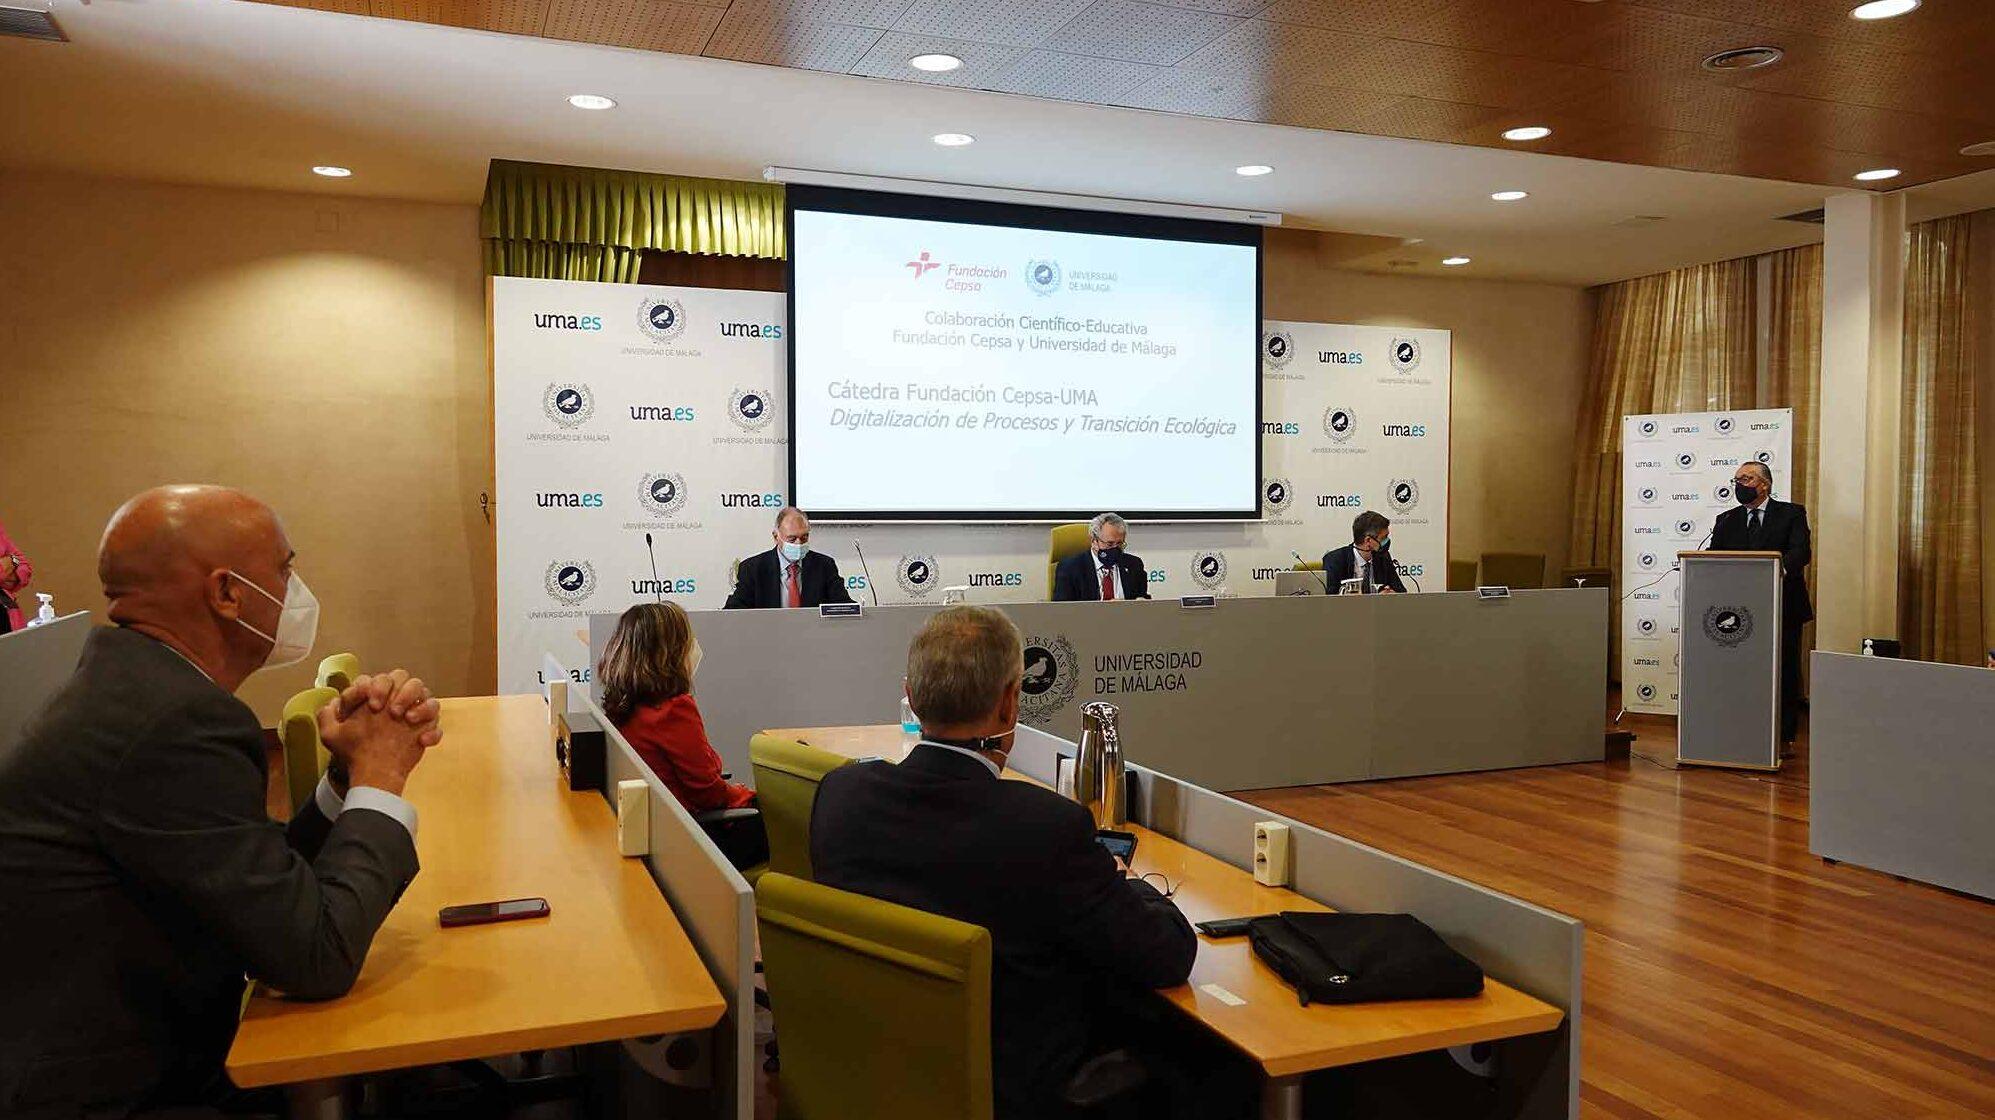 Fundación Cepsa y Universidad de Málaga crean la Cátedra de Digitalización de Procesos y Transición Ecológica